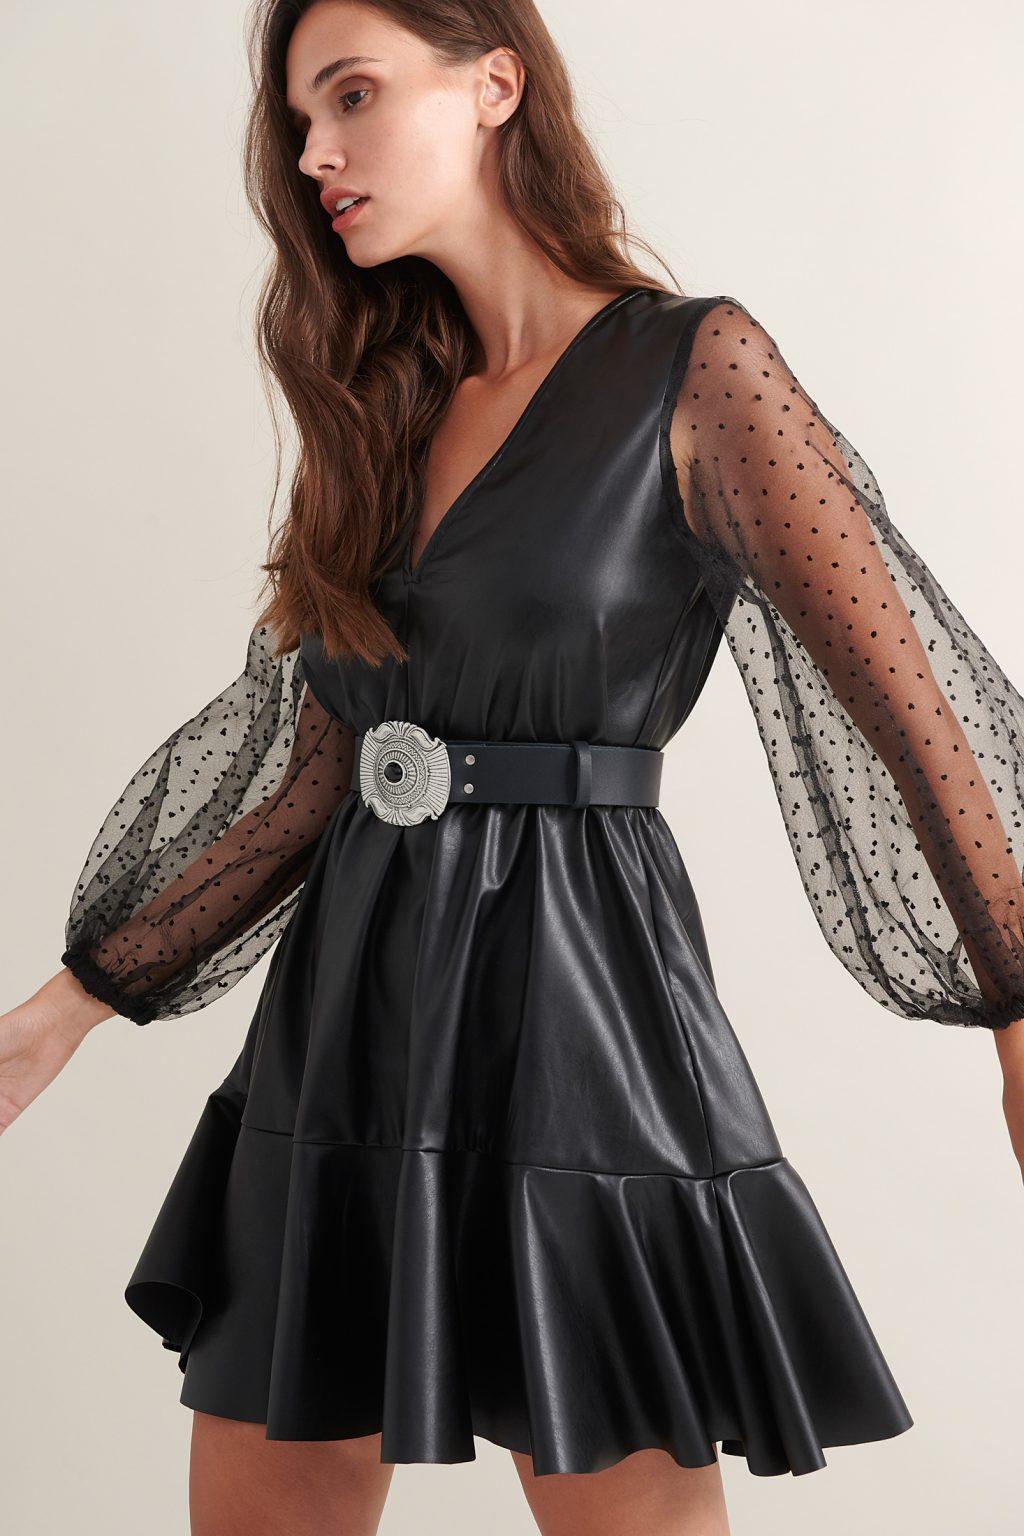 Γυναικεία Ρούχα LACE ΦΟΡΕΜΑ ΔΕΡΜΑΤΙΝΗ ΜΙΝΙ